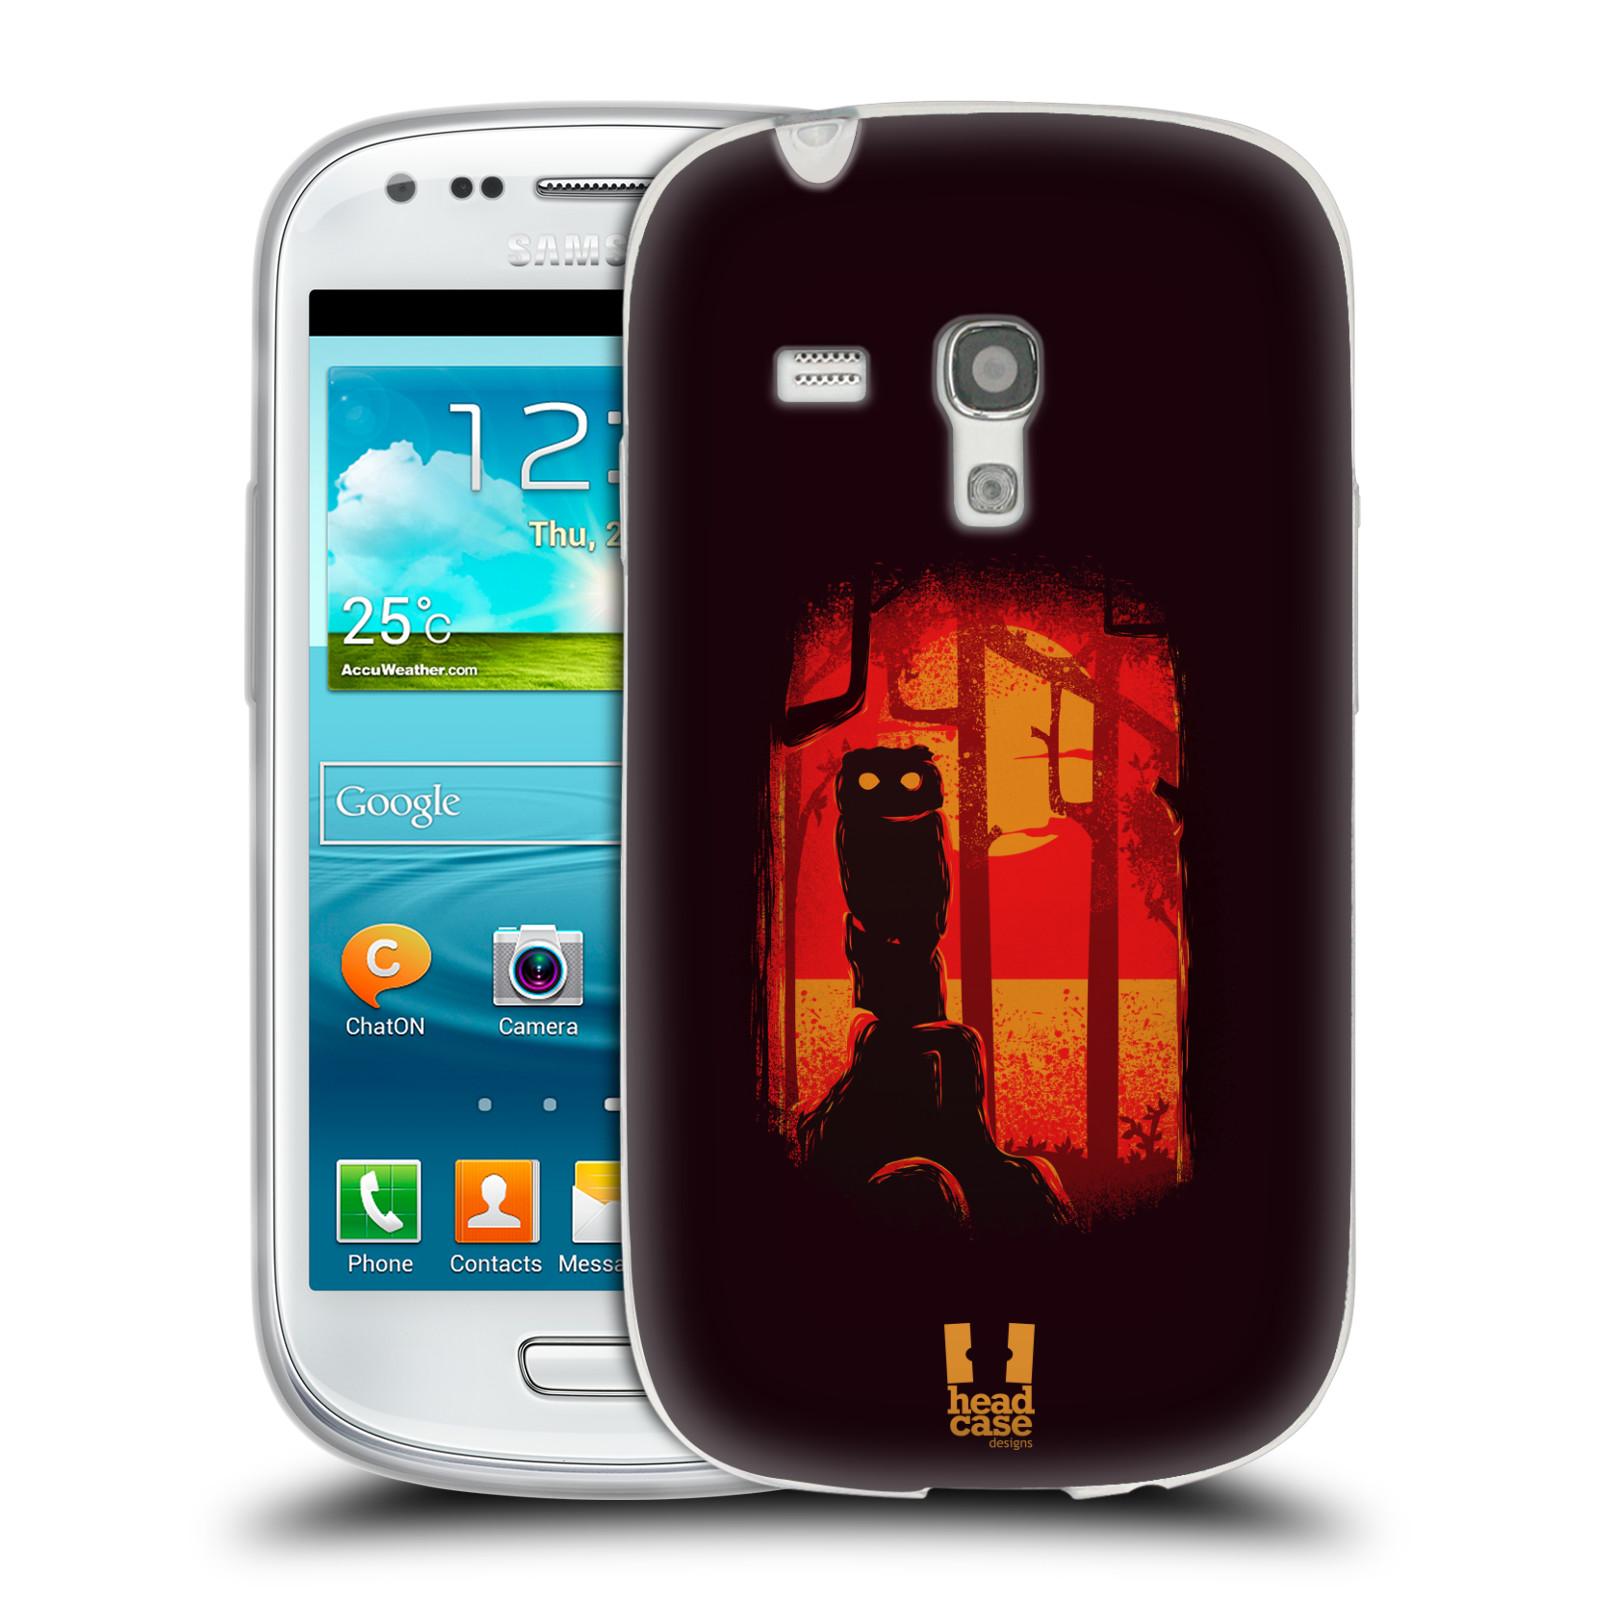 Silikonové pouzdro na mobil Samsung Galaxy S3 Mini VE - Head Case - Sova v tajemném lese (Silikonový kryt či obal na mobilní telefon s motivem tajemného lesa pro Samsung Galaxy S3 Mini VE GT-i8200)